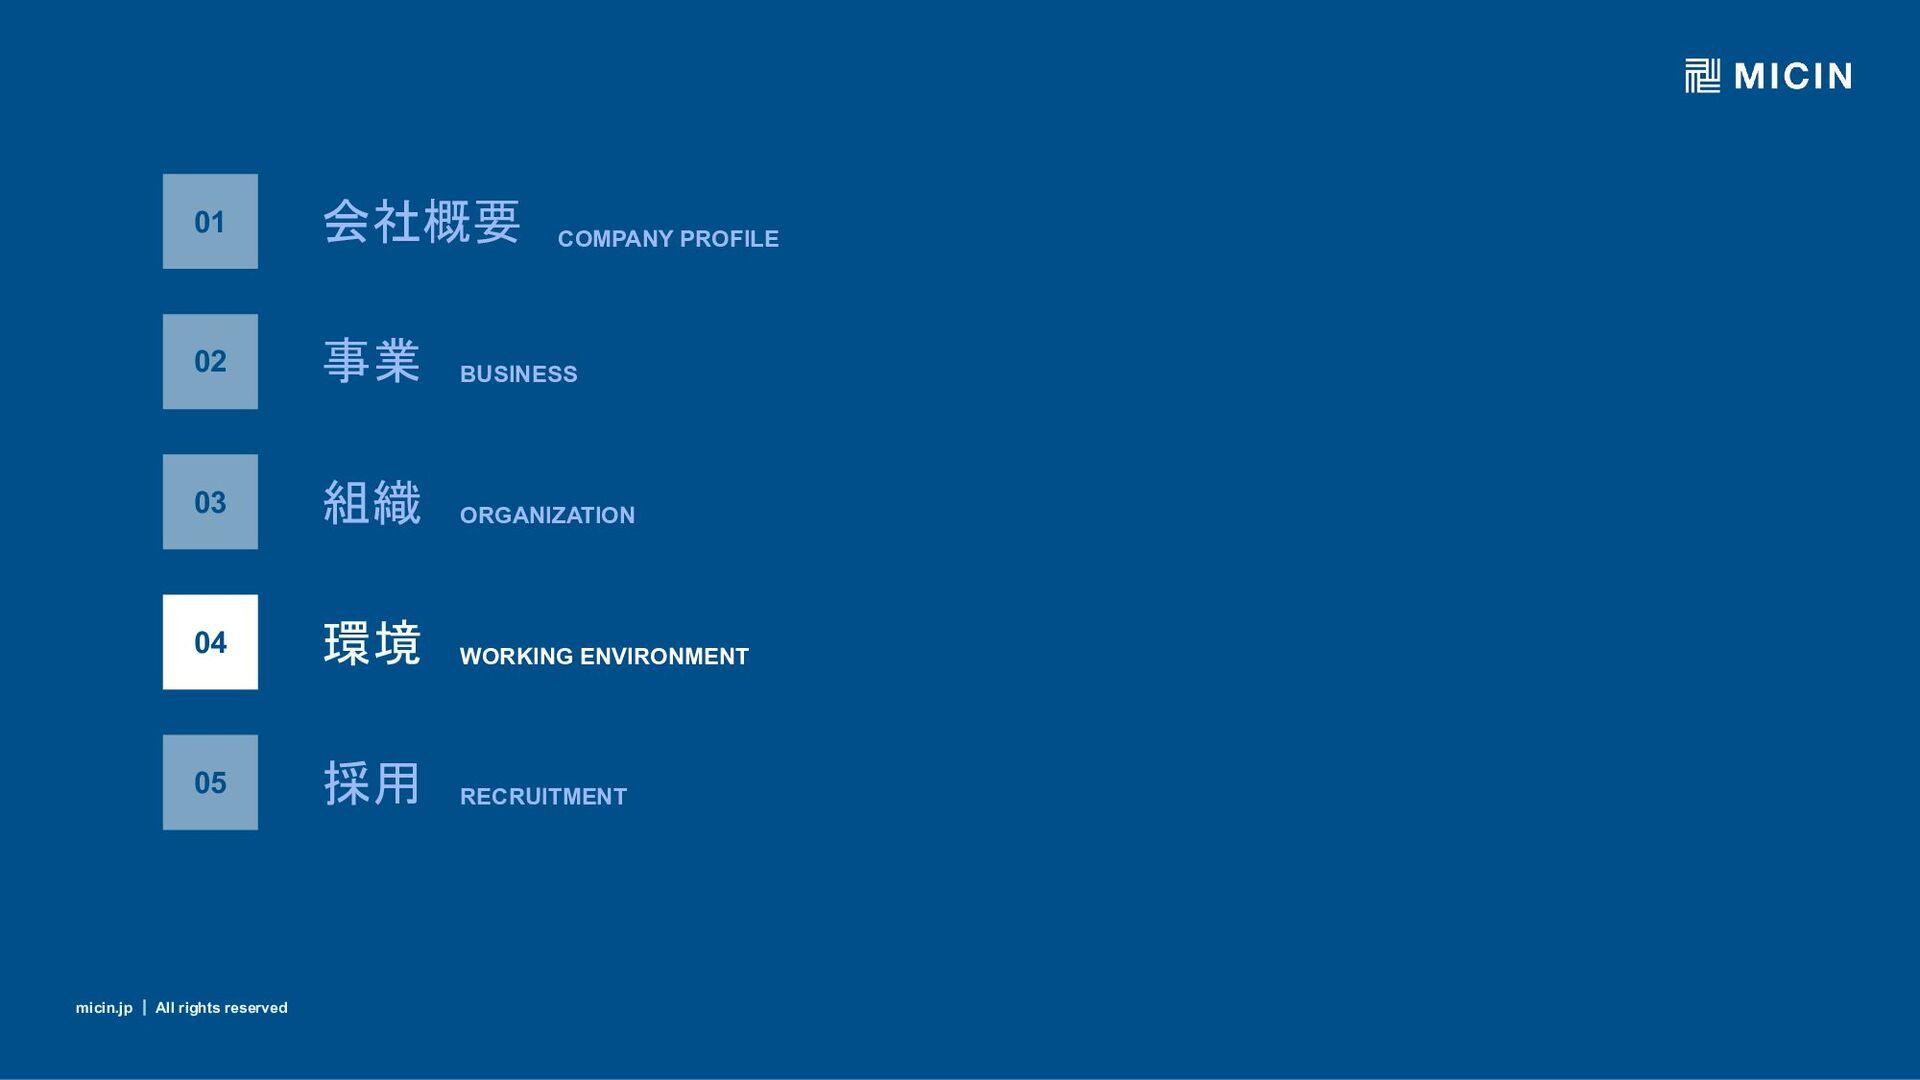 micin.jp ʛ All rights reserved 49 micin.jp ʛ Al...